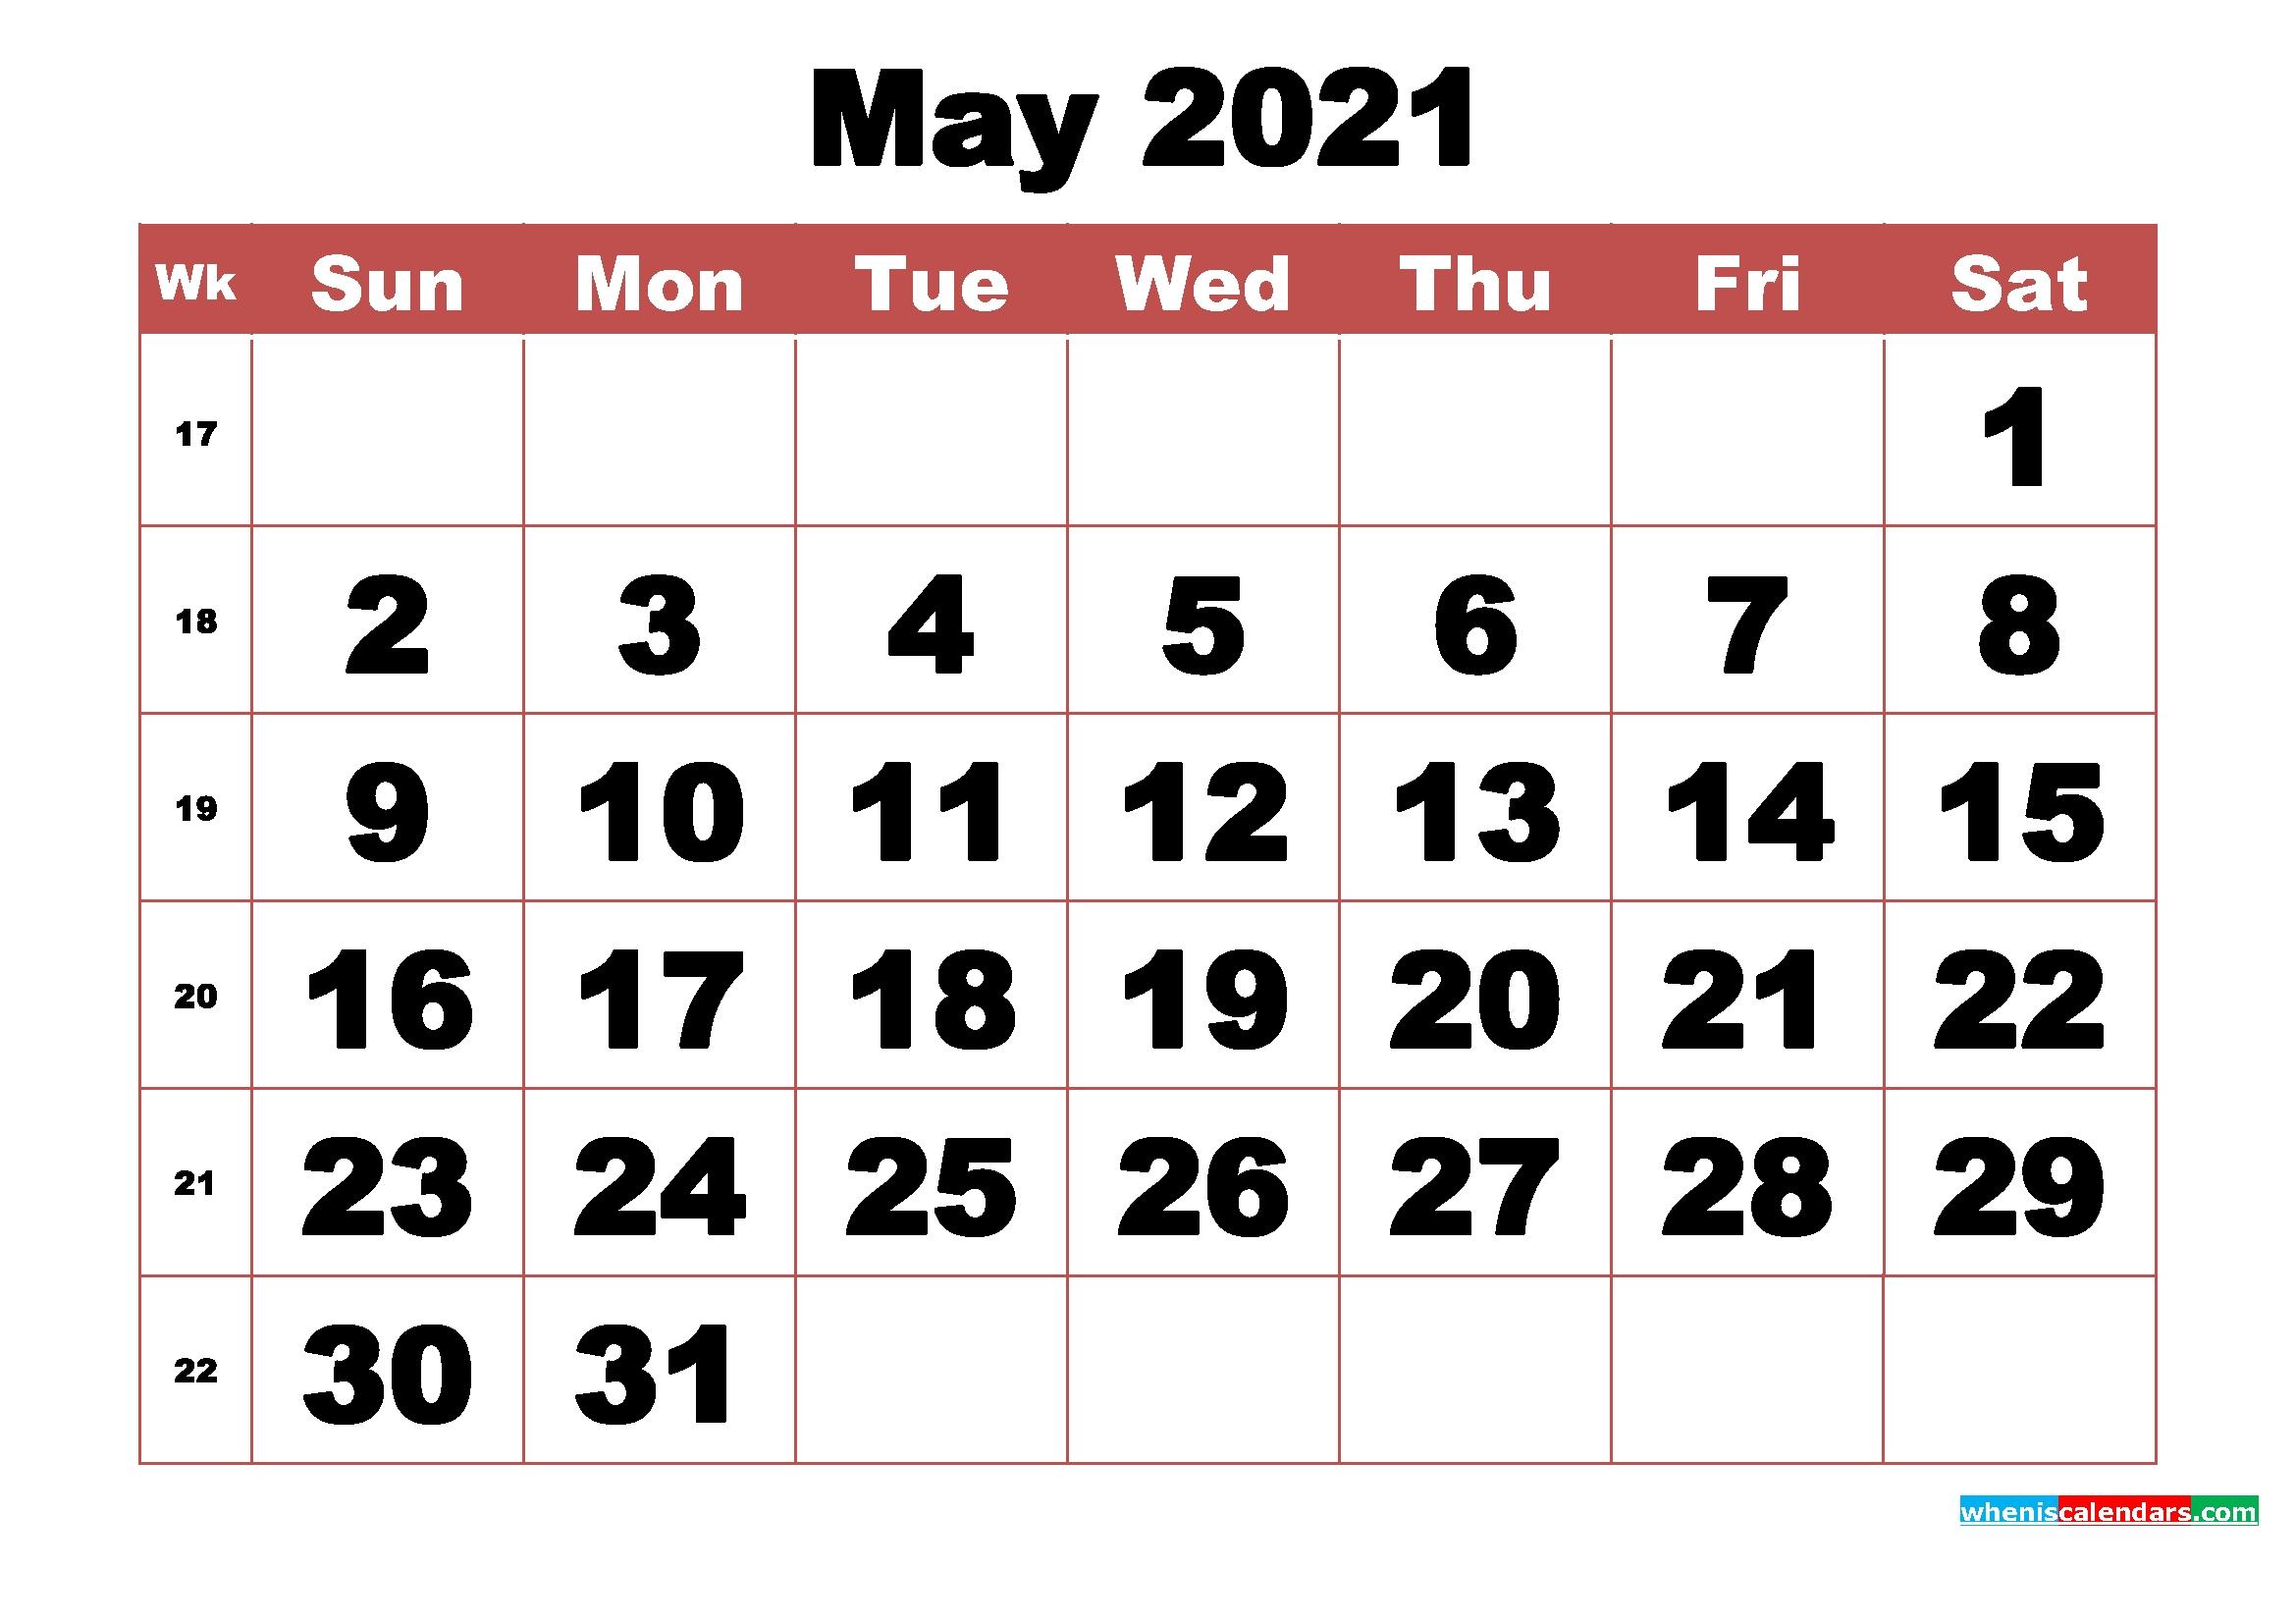 Catch Calendar To Fill In 2021